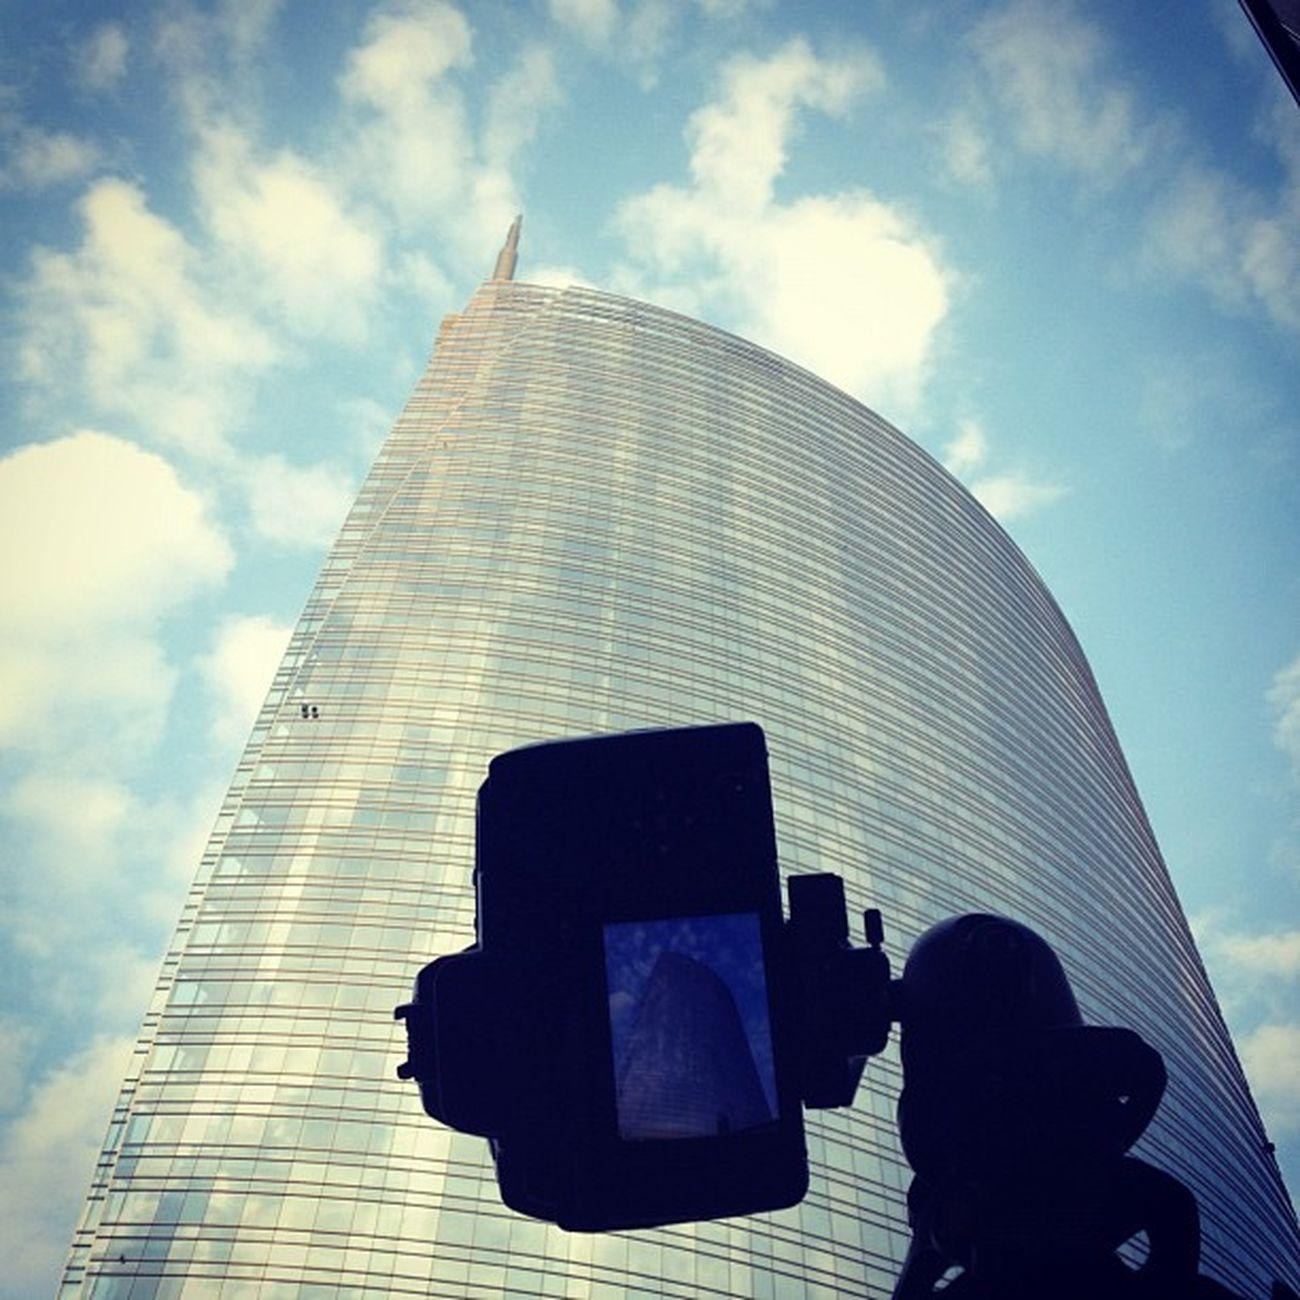 Finalmente un po' di nuvole come dico io #milano #getolympus #olympus #e5 #43 #e-system #longexposure Milano Olympus E Longexposure 43 E5 Getolympus